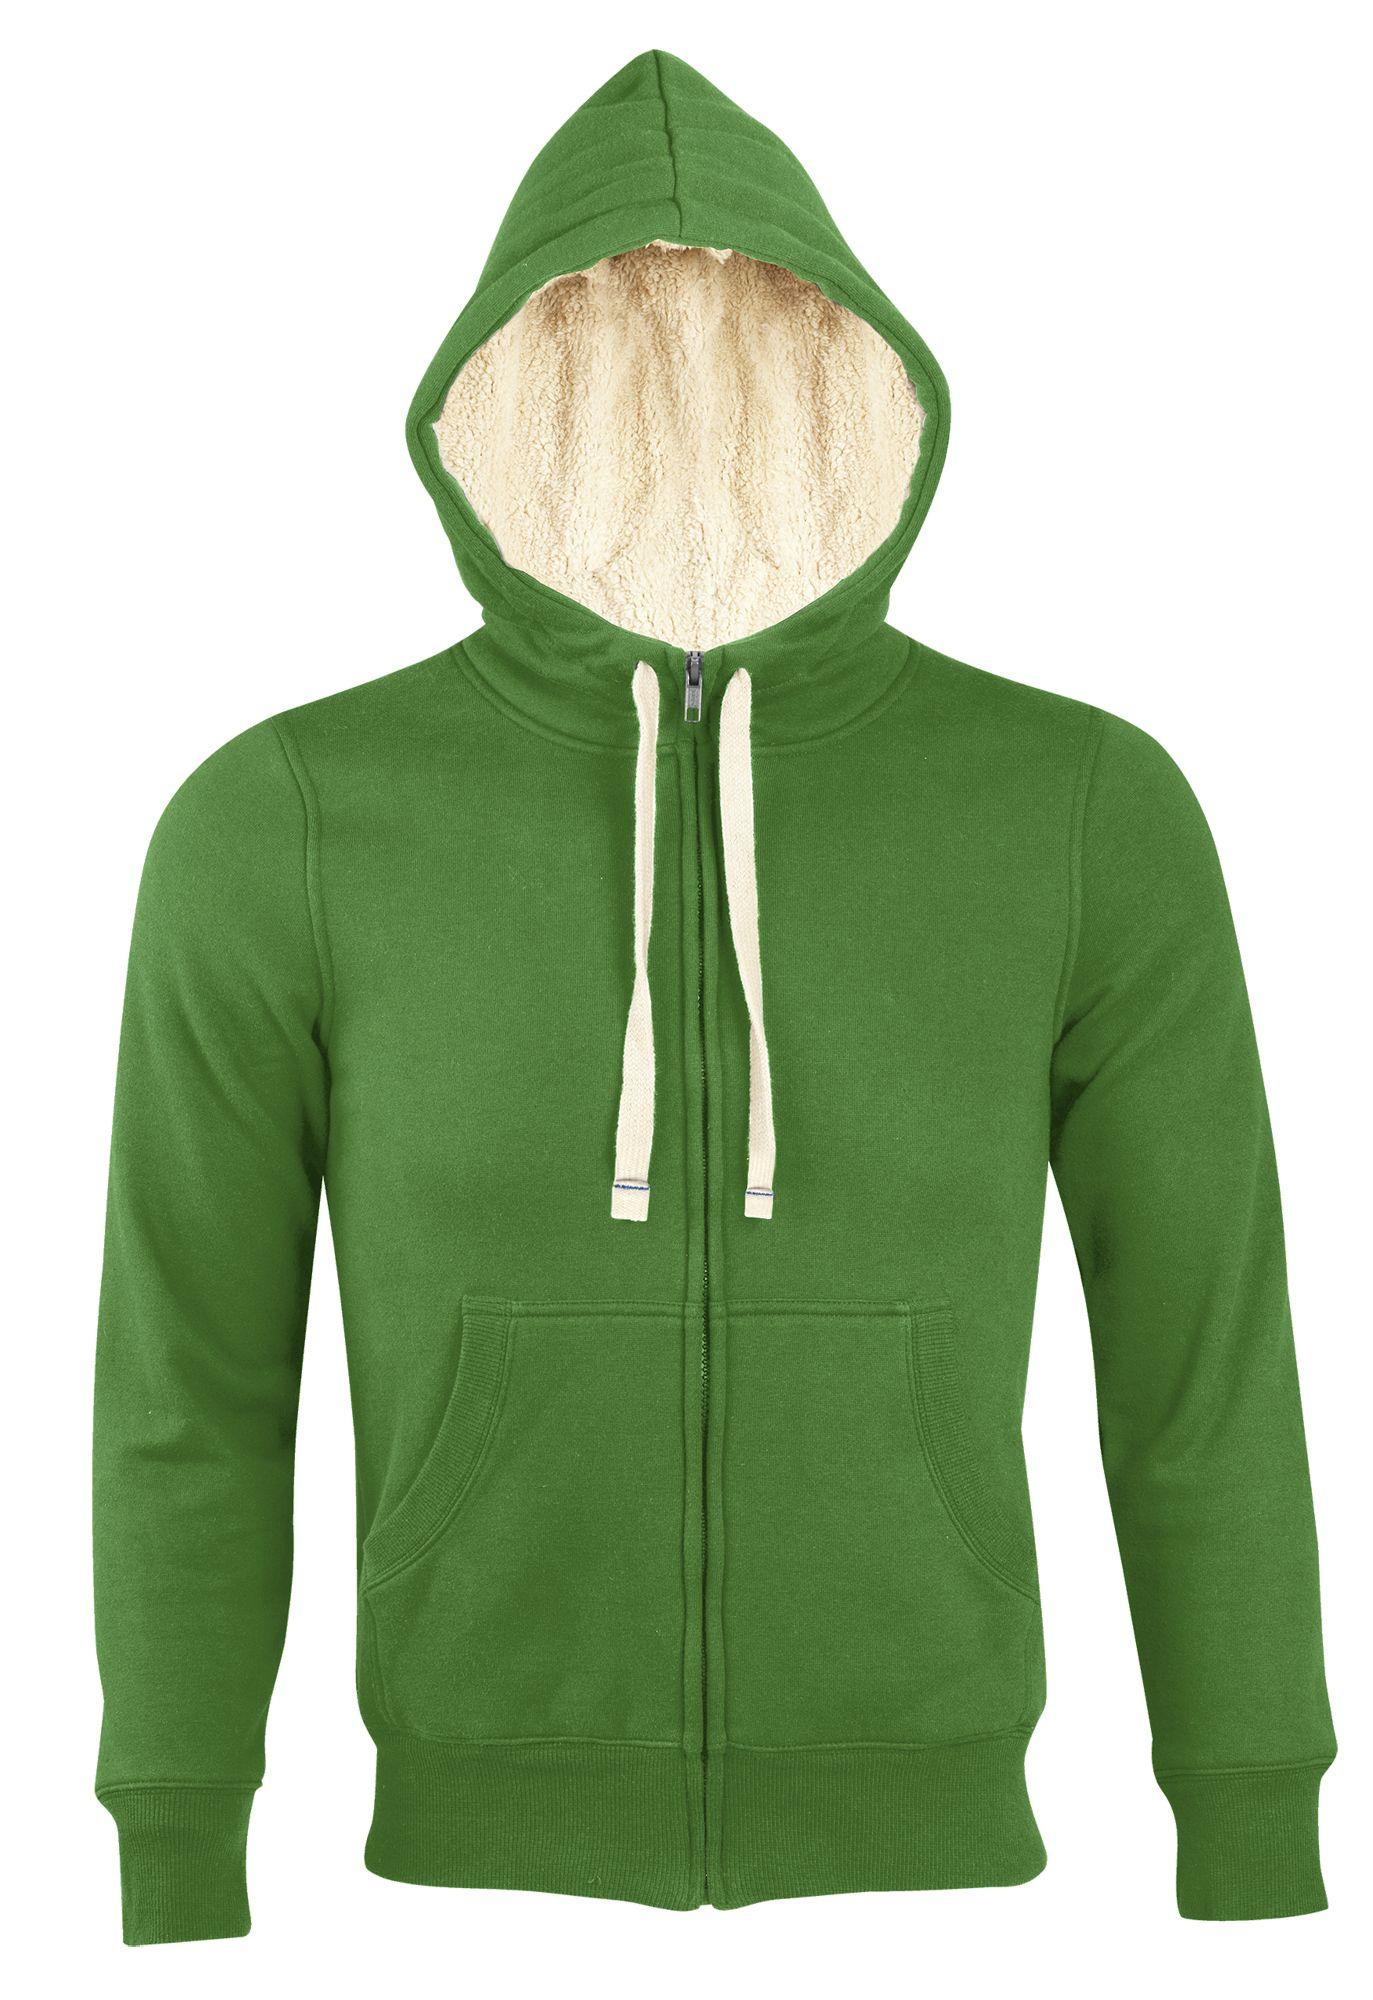 Толстовка унисекс на молнии SHERPA 280, ярко-зеленая